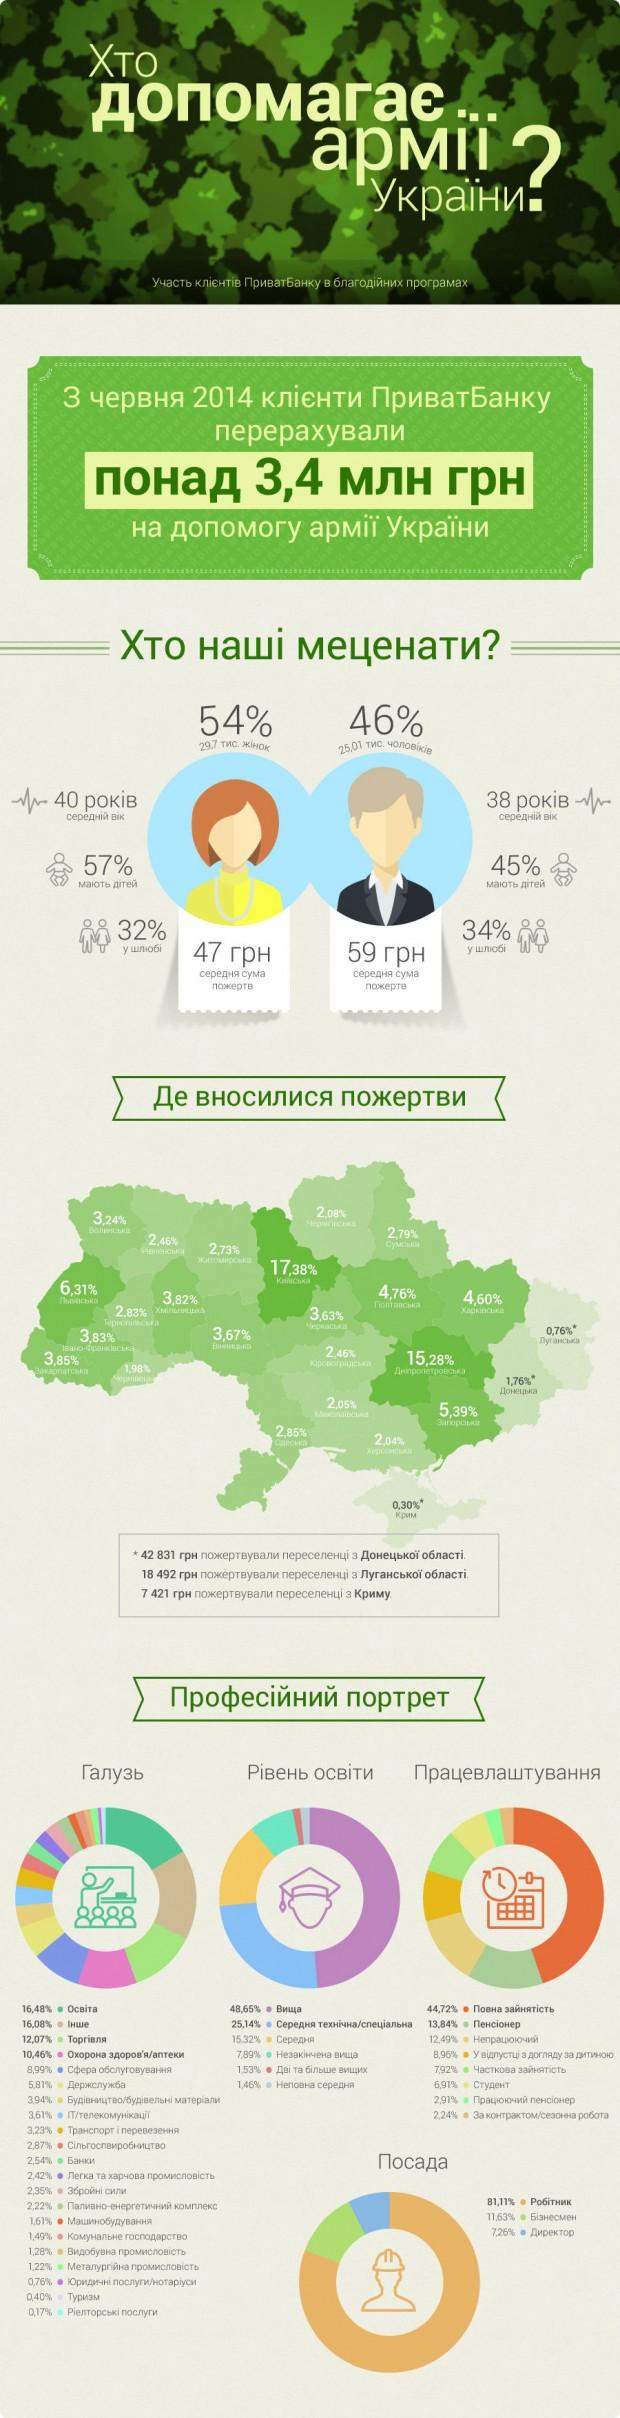 Хто допомагає українській армії? Інфографіка Приватбанку